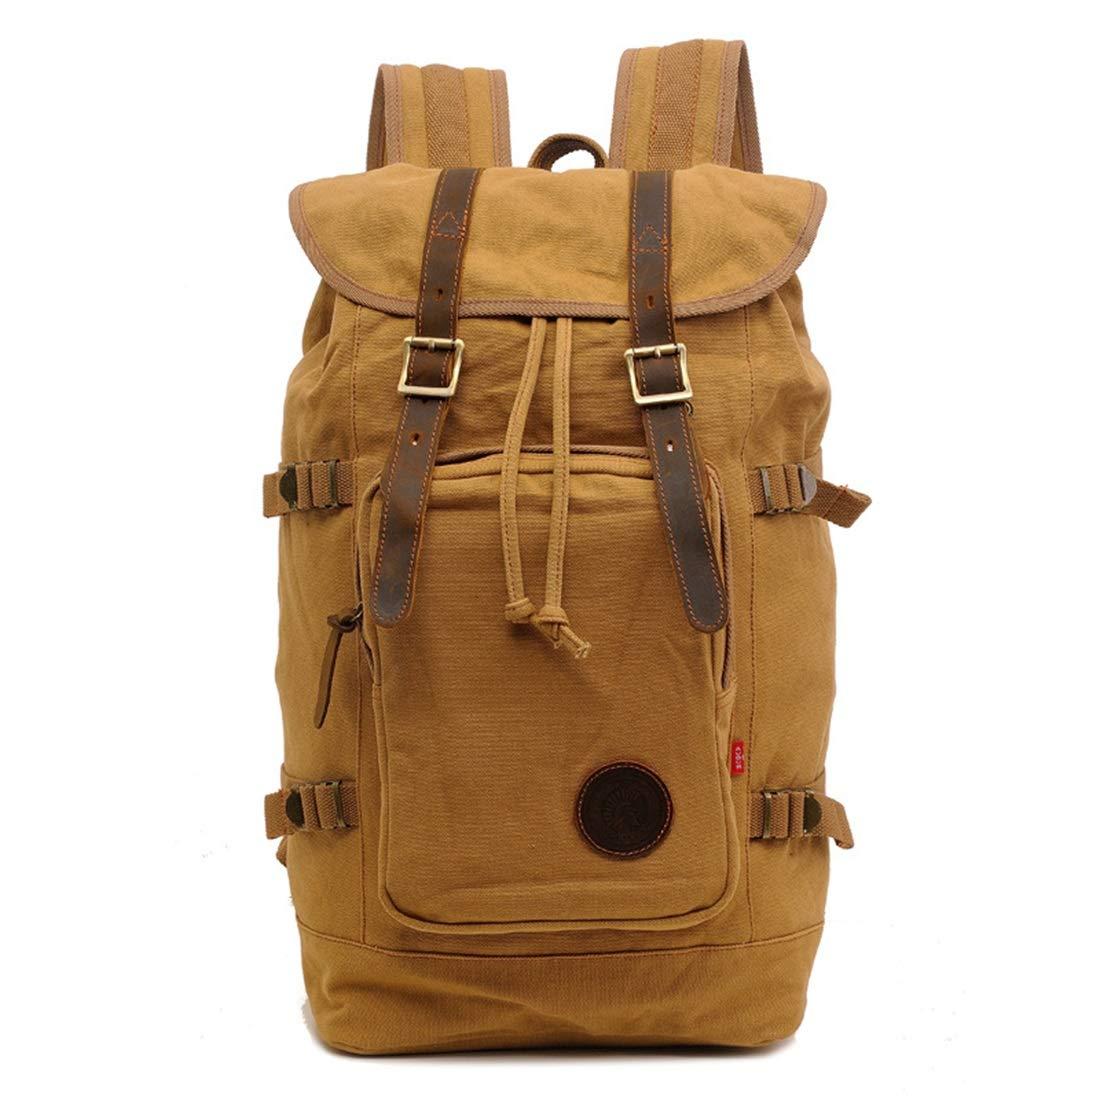 Khaki  HRTX Vintage hommes et femmes sac à dos, sac à dos en cuir décontracté en plein air ordinateur portable sac à dos de voyage sac de randonnée sac de randonnée Shouder sac pour 15,6 pouces